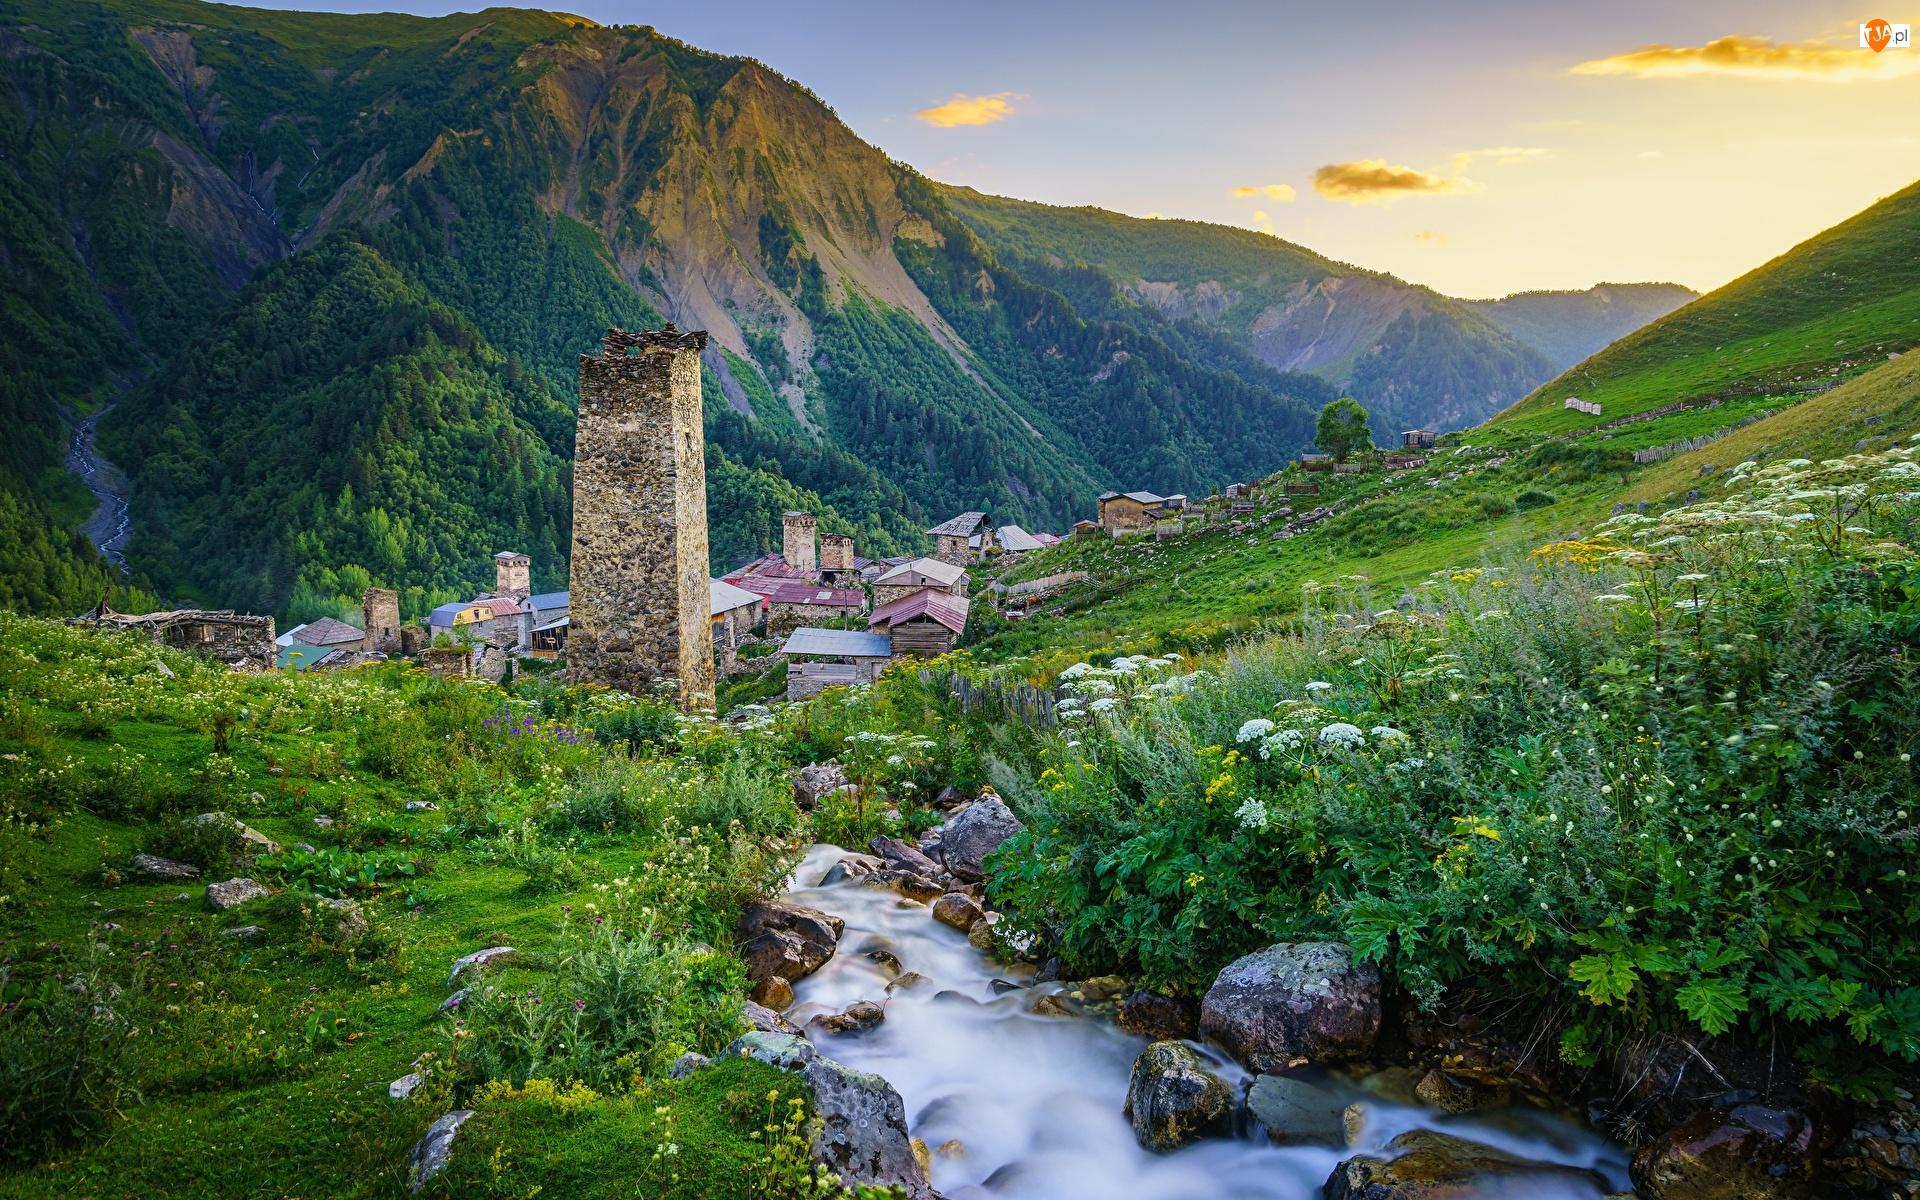 Strumień, Góry, Kaukaz, Baszta, Megrelia-Górna Swanetia, Gruzja, Domy, Adishi, Ruina, Kamienie